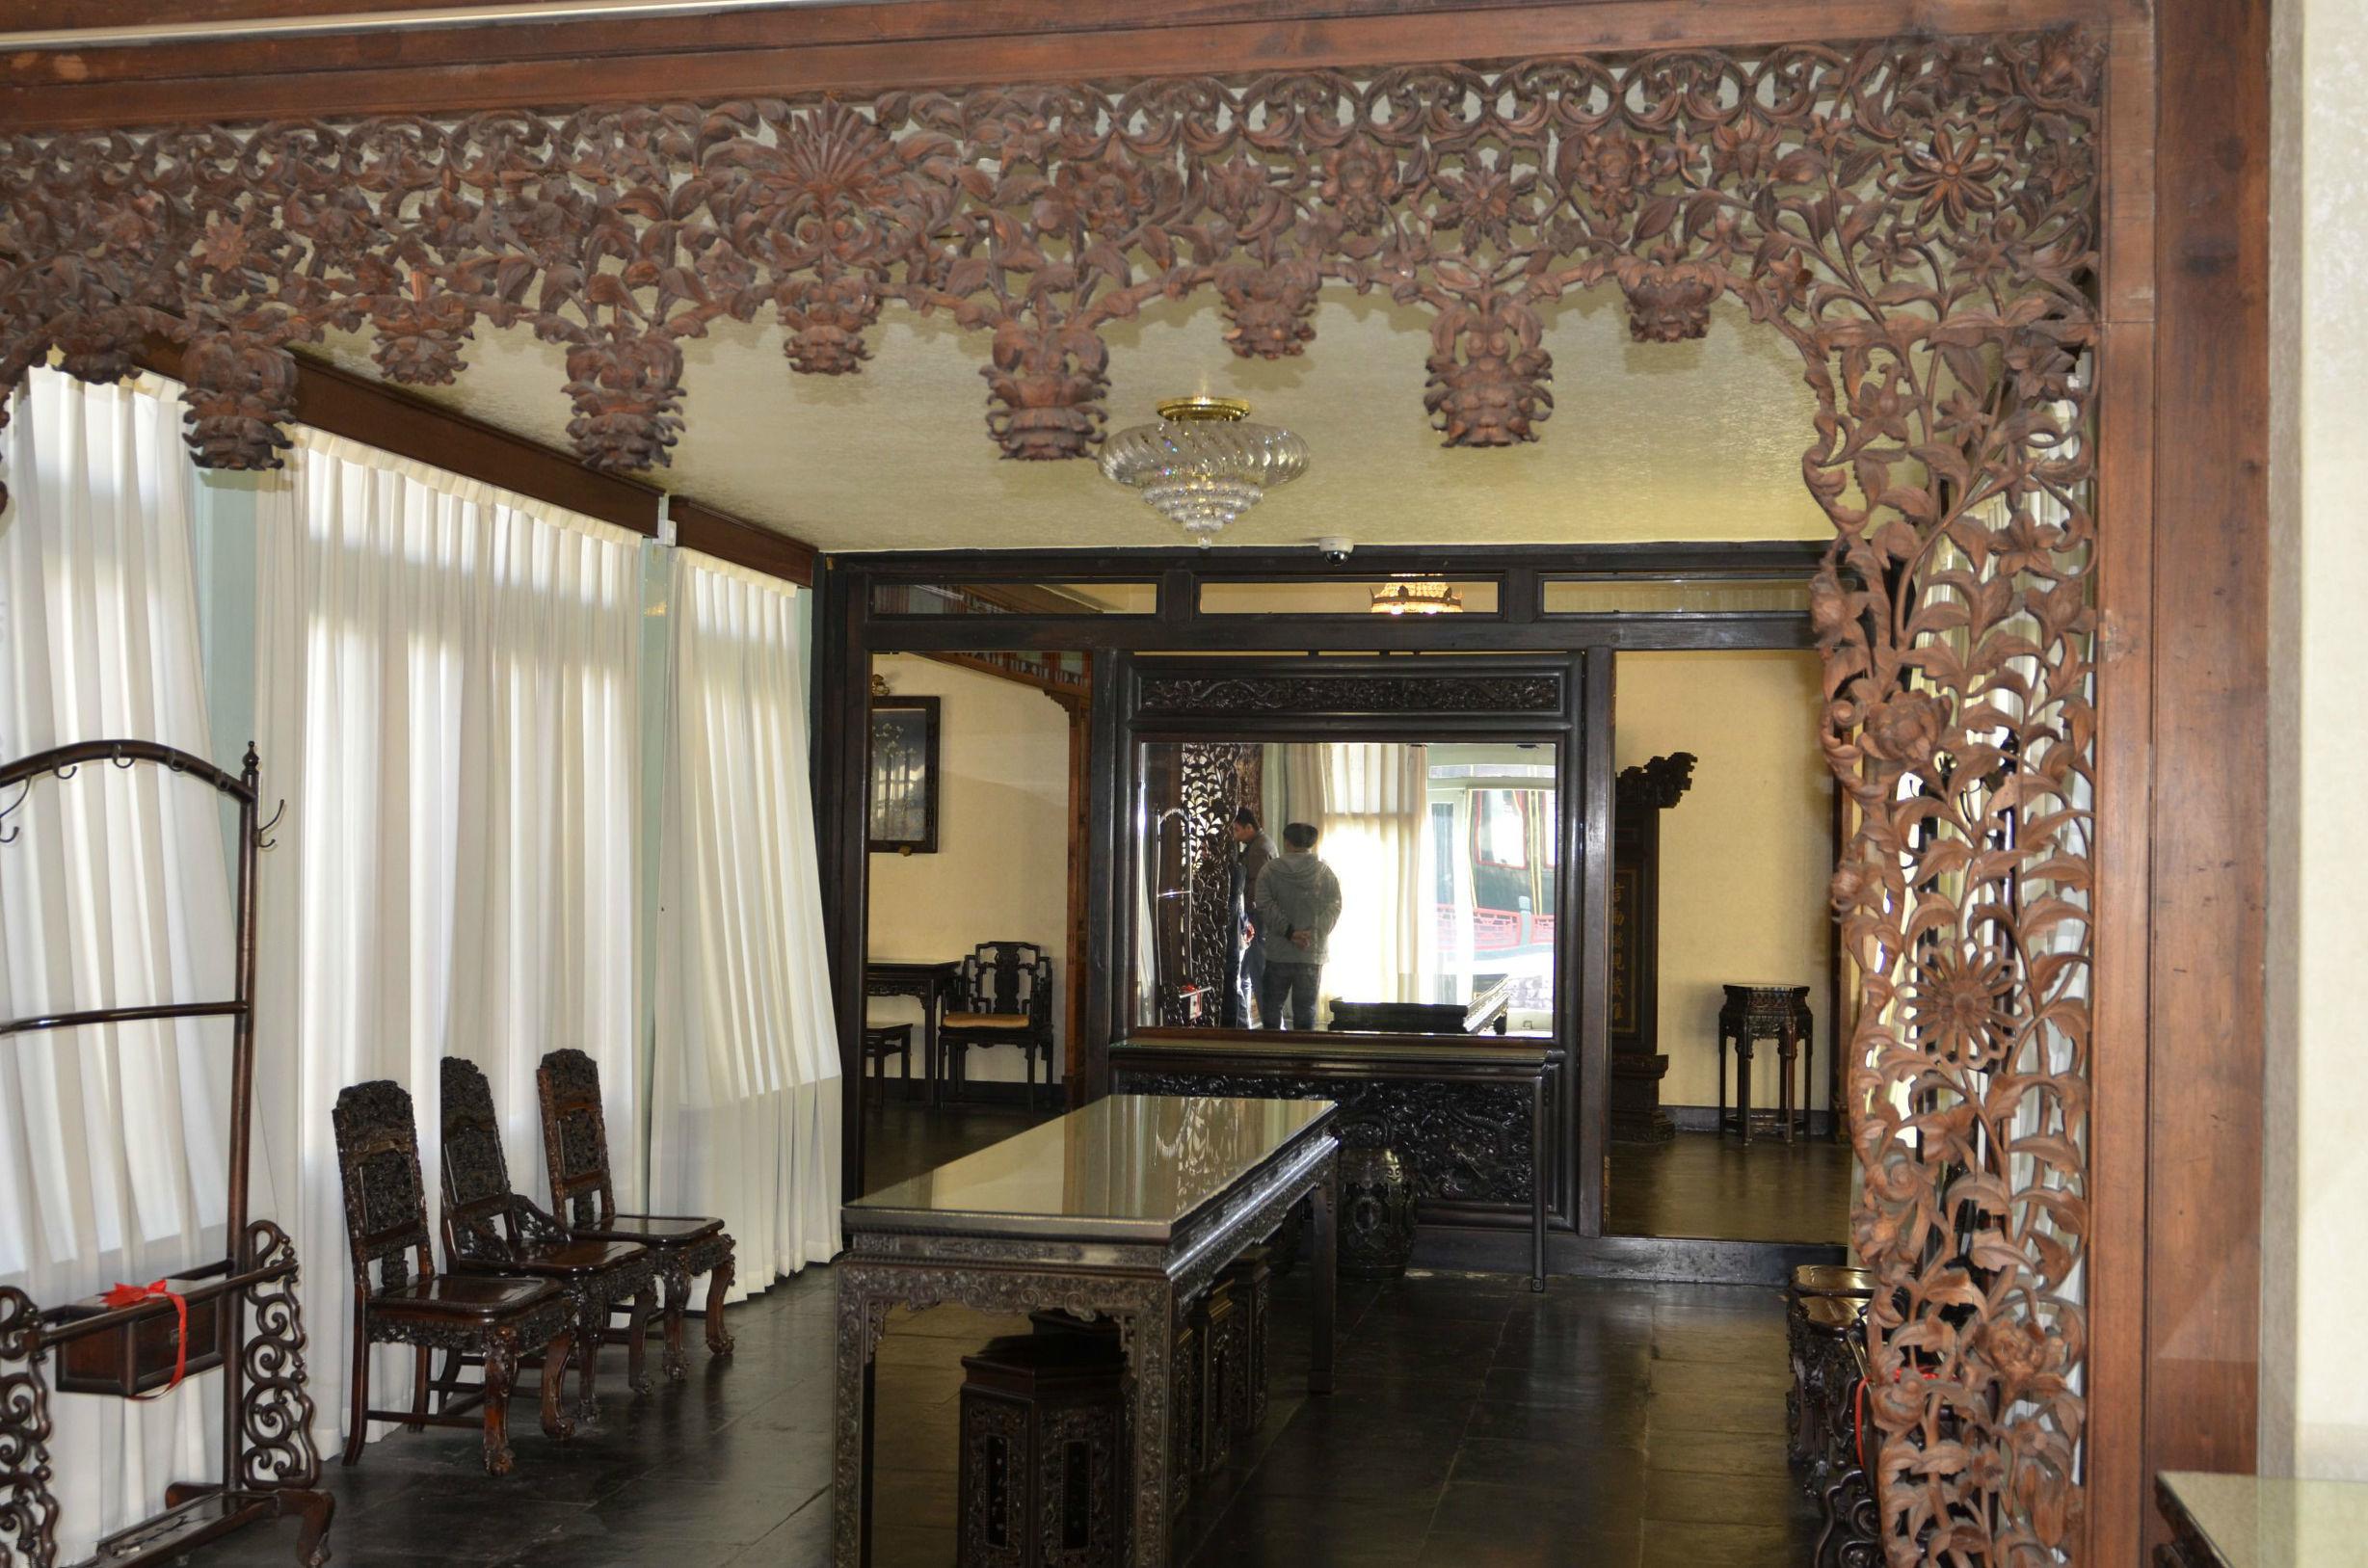 故宫室内装修装饰图片